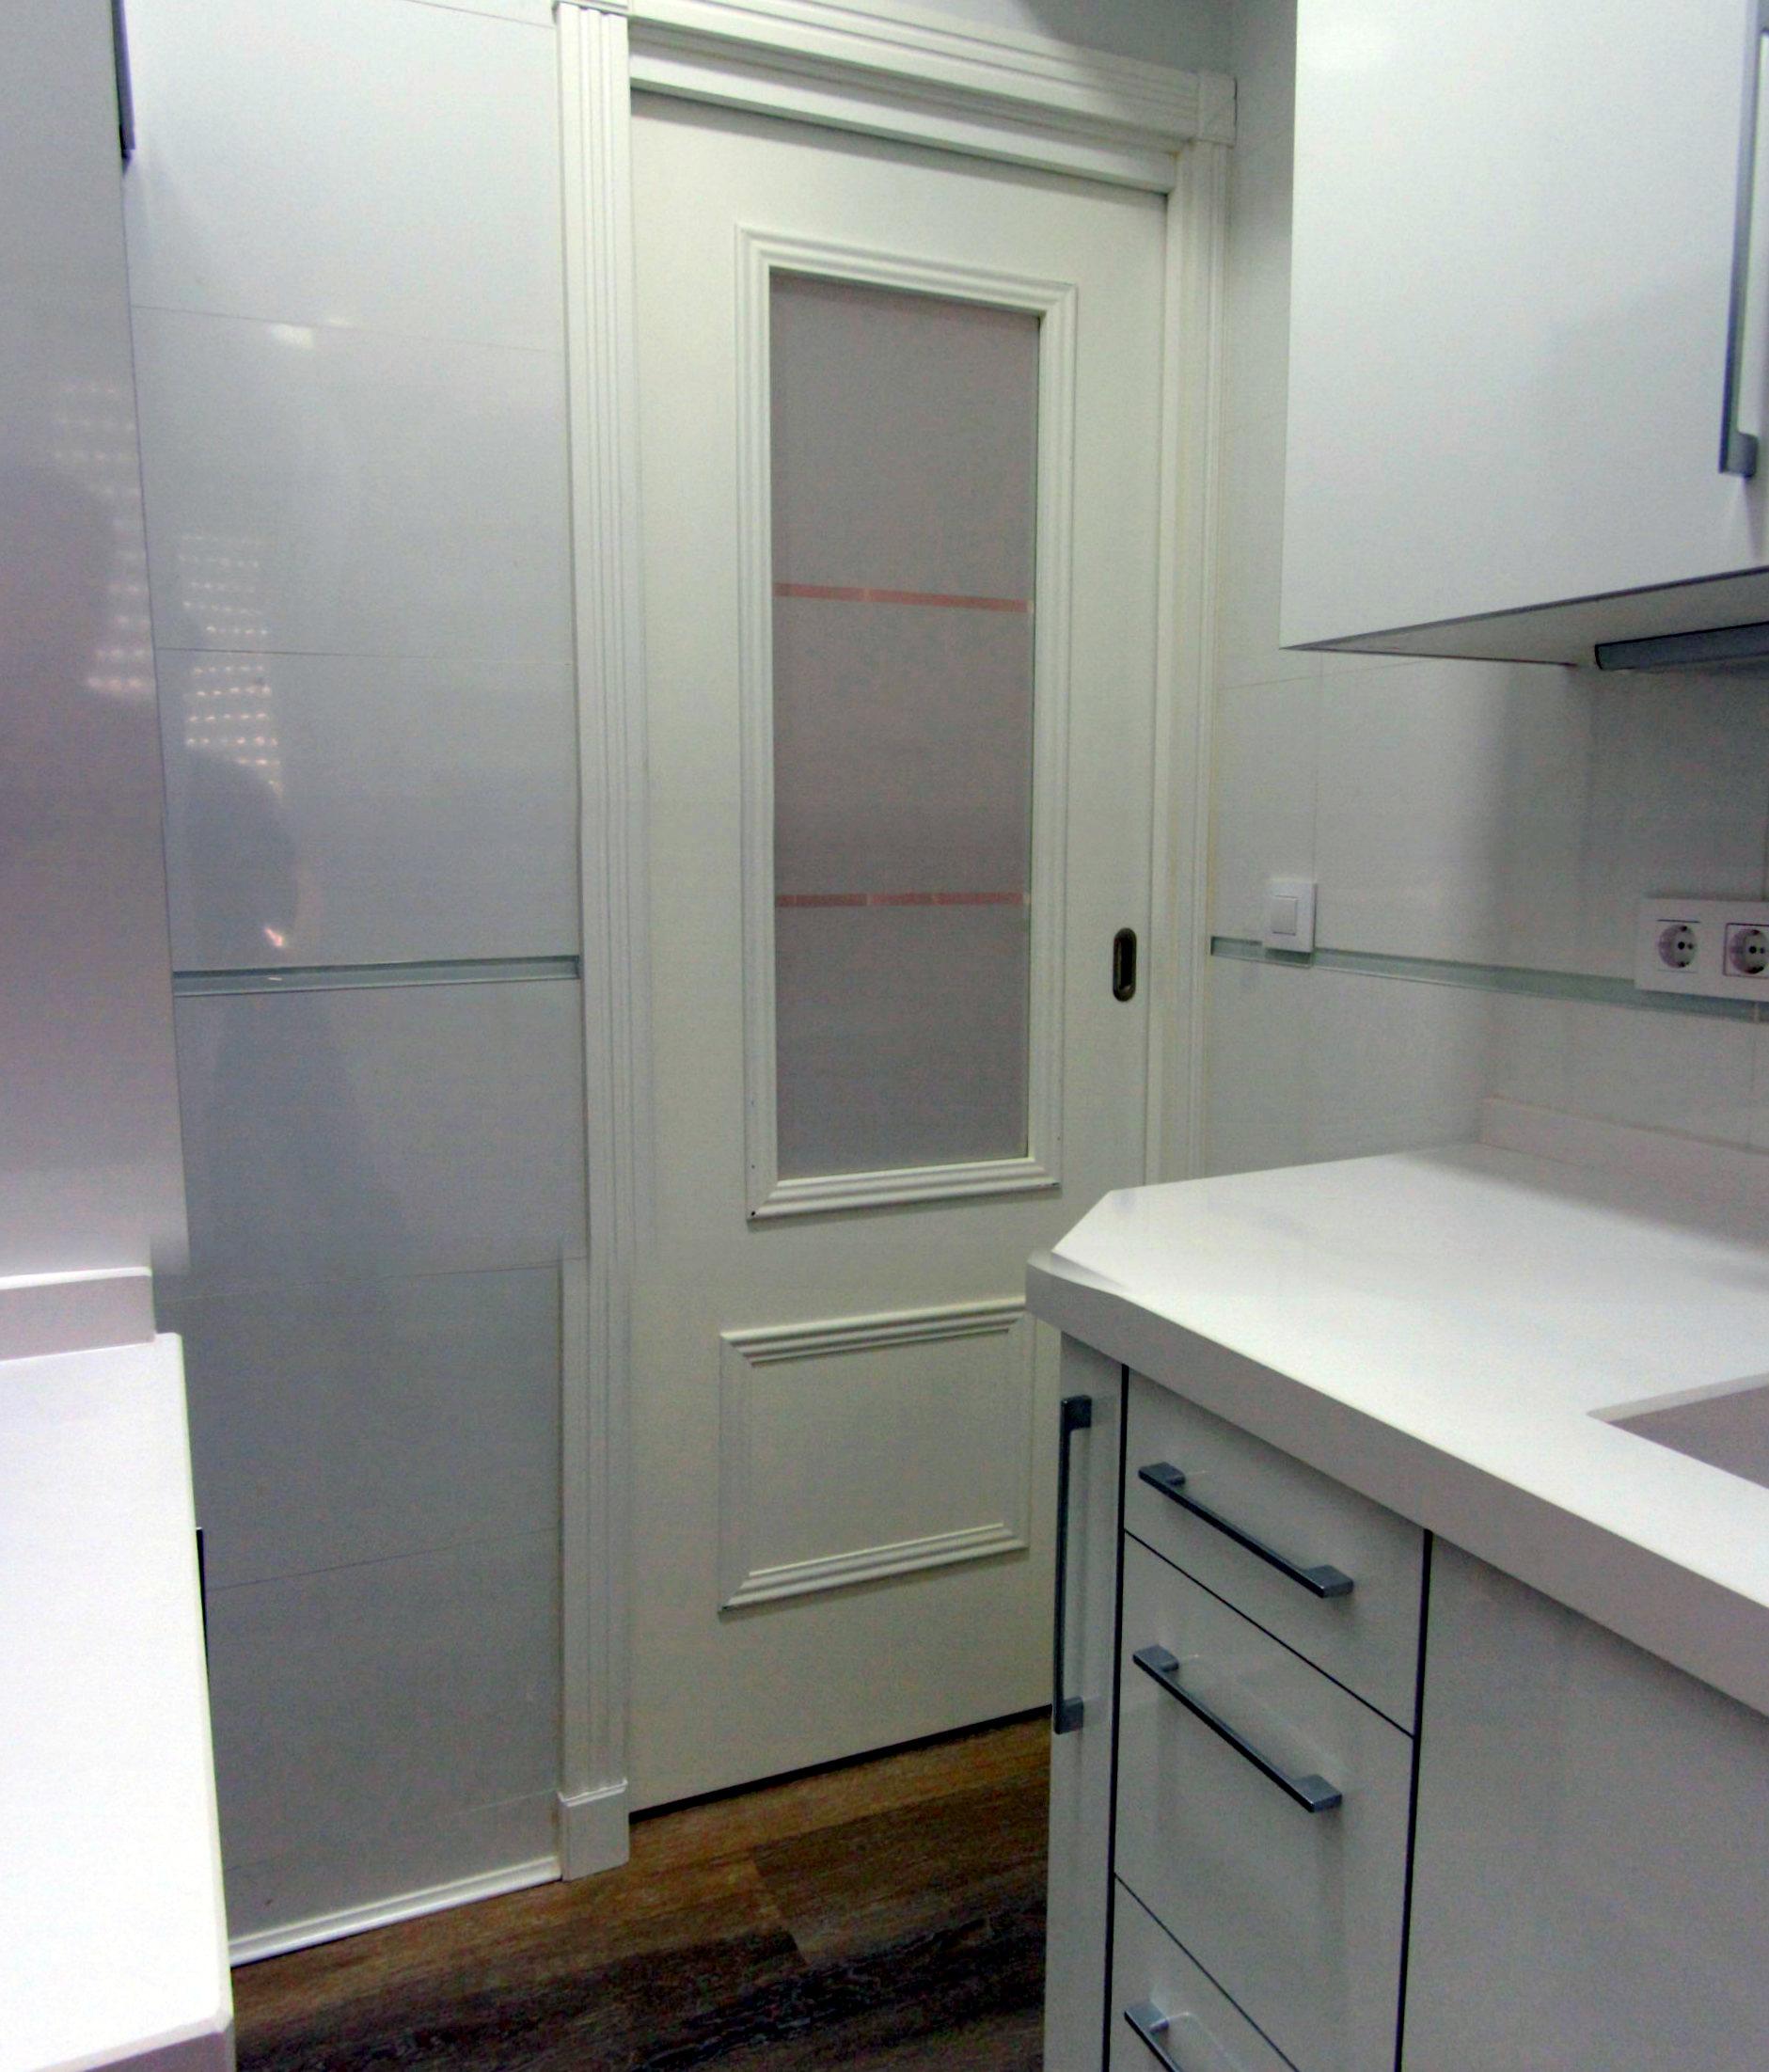 Suelo laminado cocina diseo de interiores madera dura - Suelos laminados cocina ...